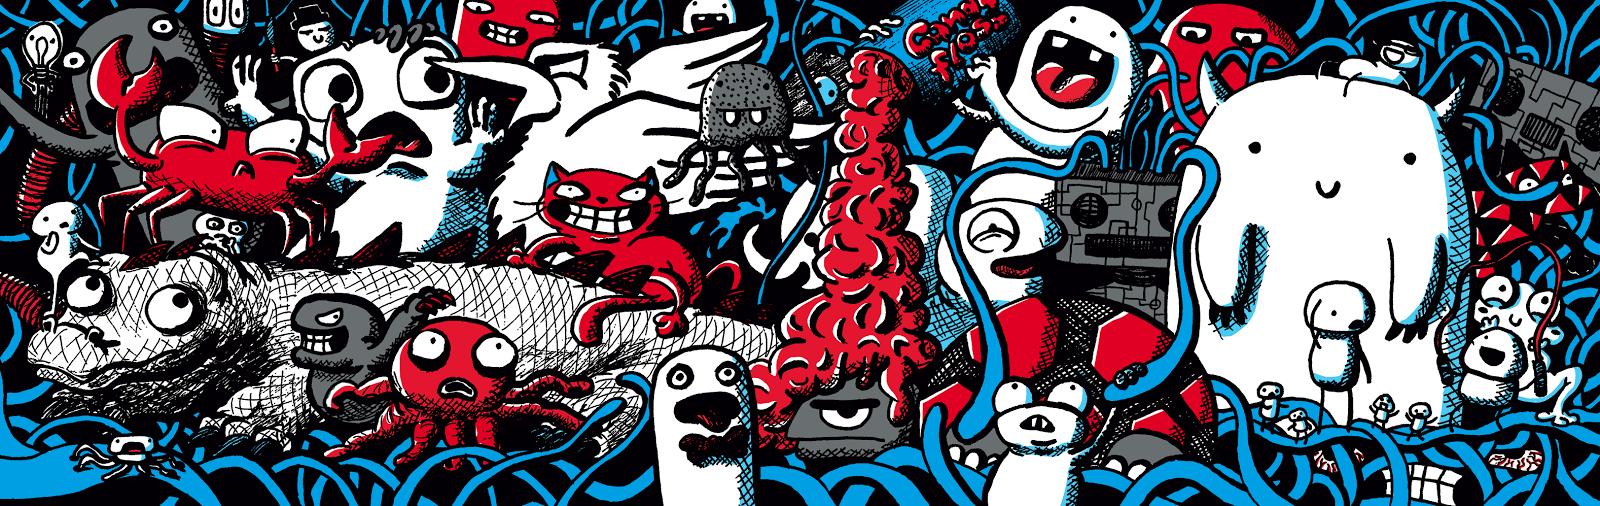 Spaghetti Doodles - Jen Haugan Animation & Illustration